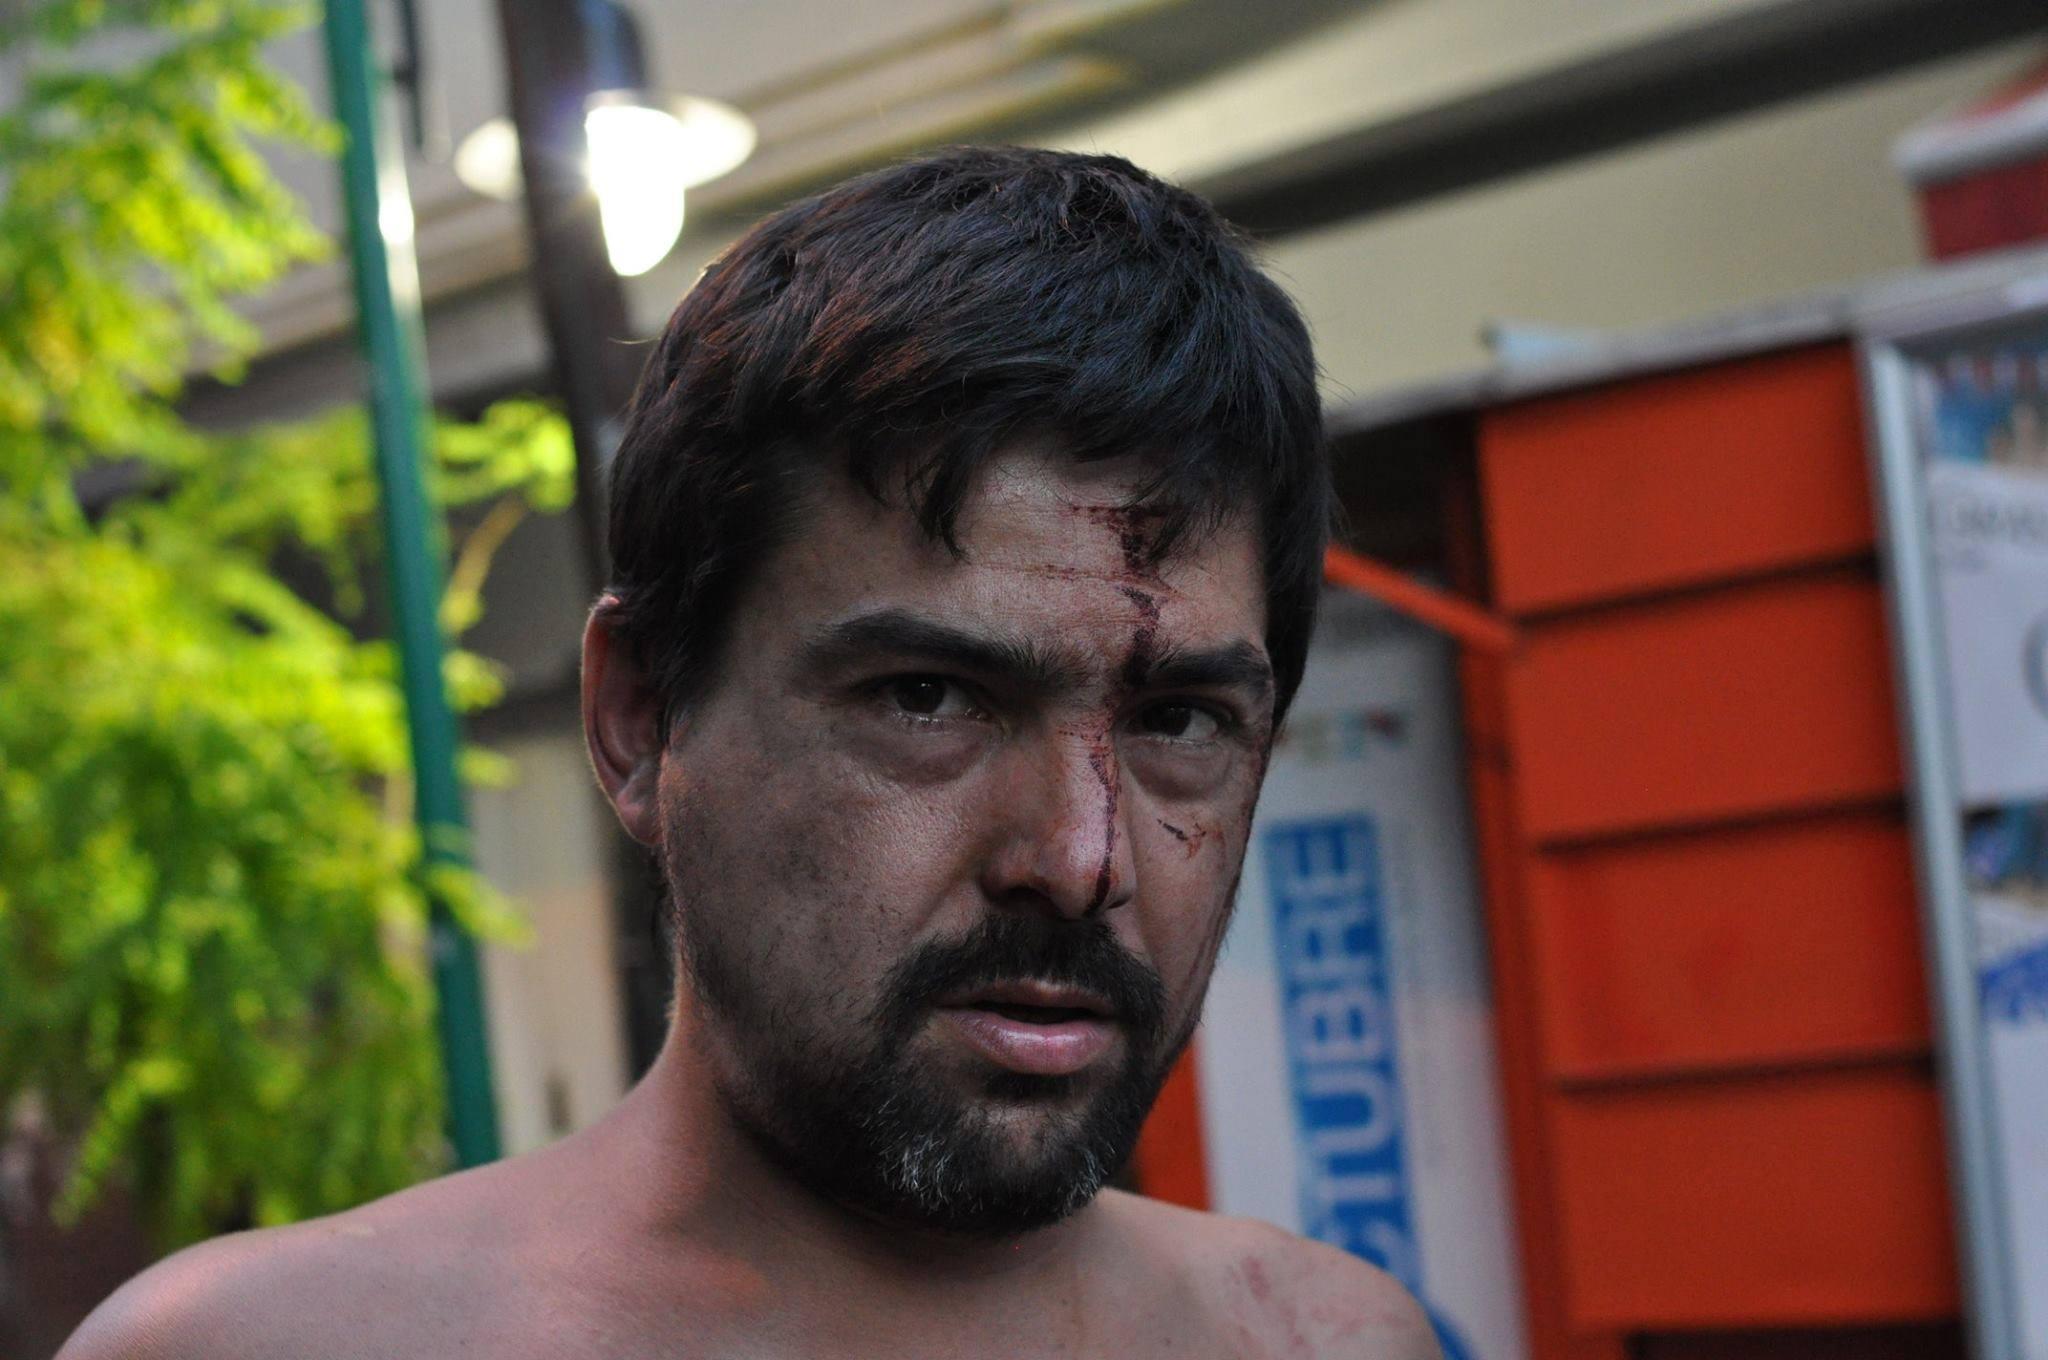 Vecinos y militantes fueron agredidos con total impunidad. Inclusive la Concejal Martínez fue agredida por una policía de apellido Paletta.